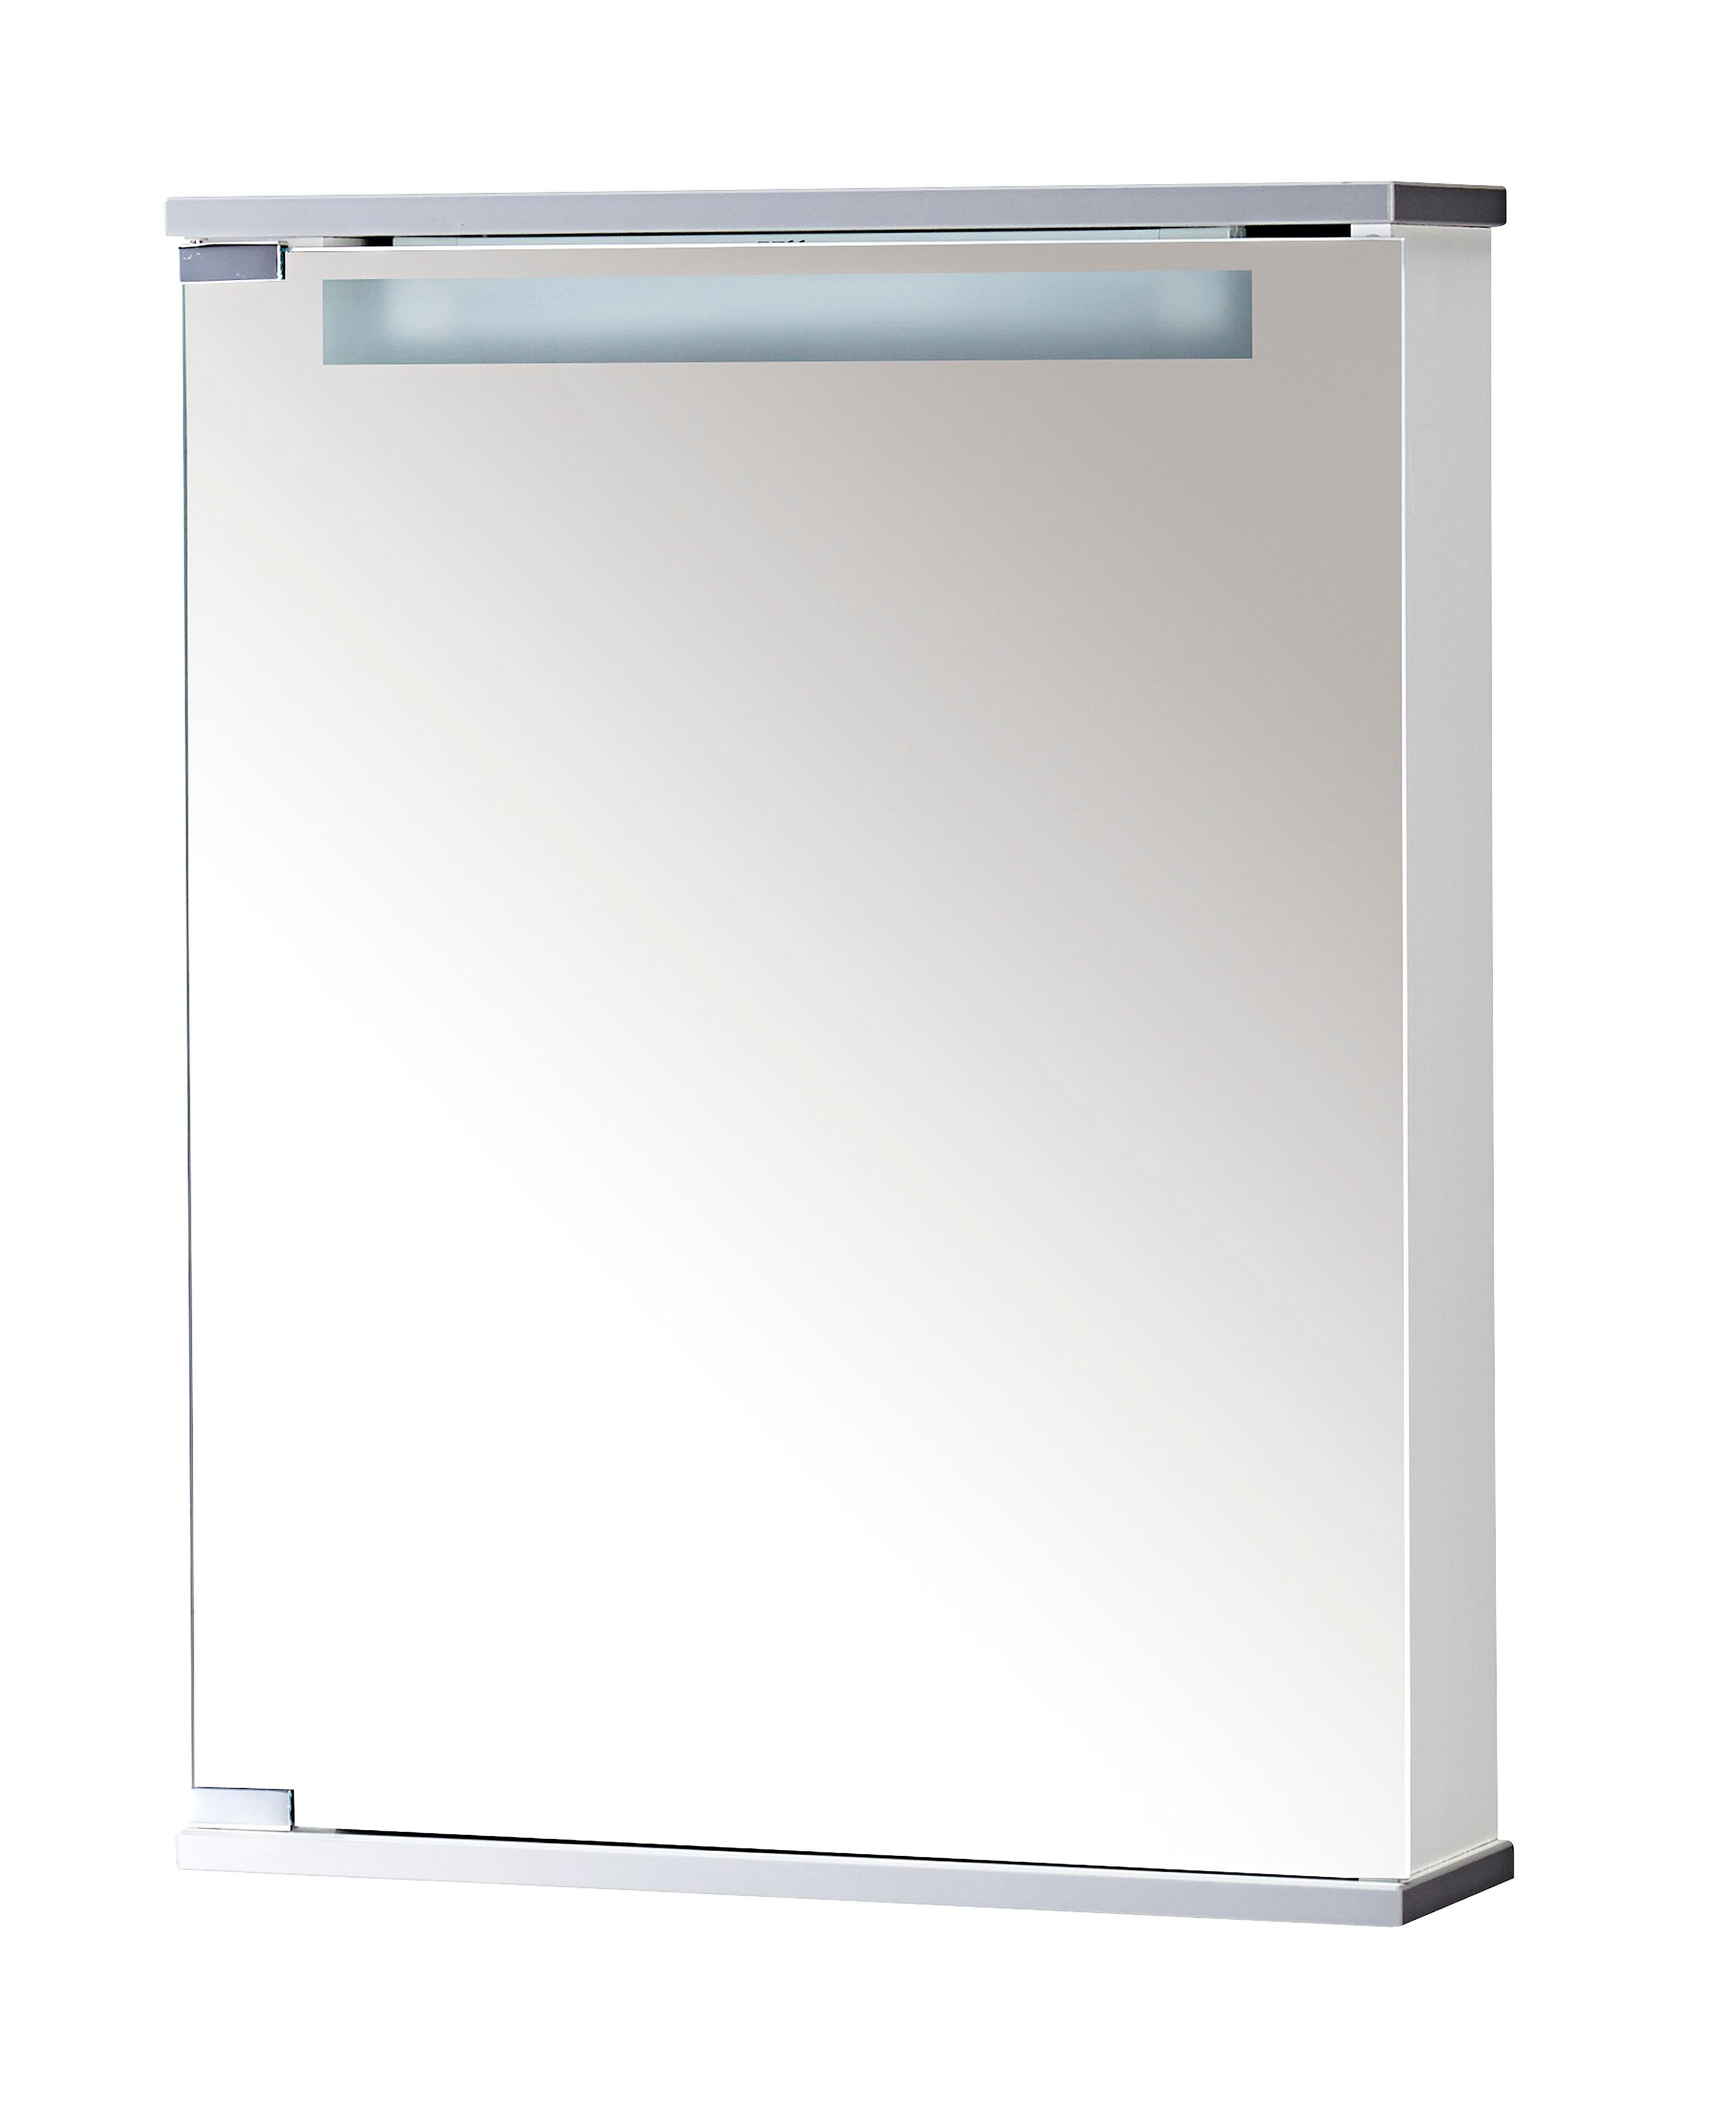 jokey Spiegelschrank Cento 50, weiß, 50 cm Breite weiß Bad-Spiegelschränke Badschränke Schränke